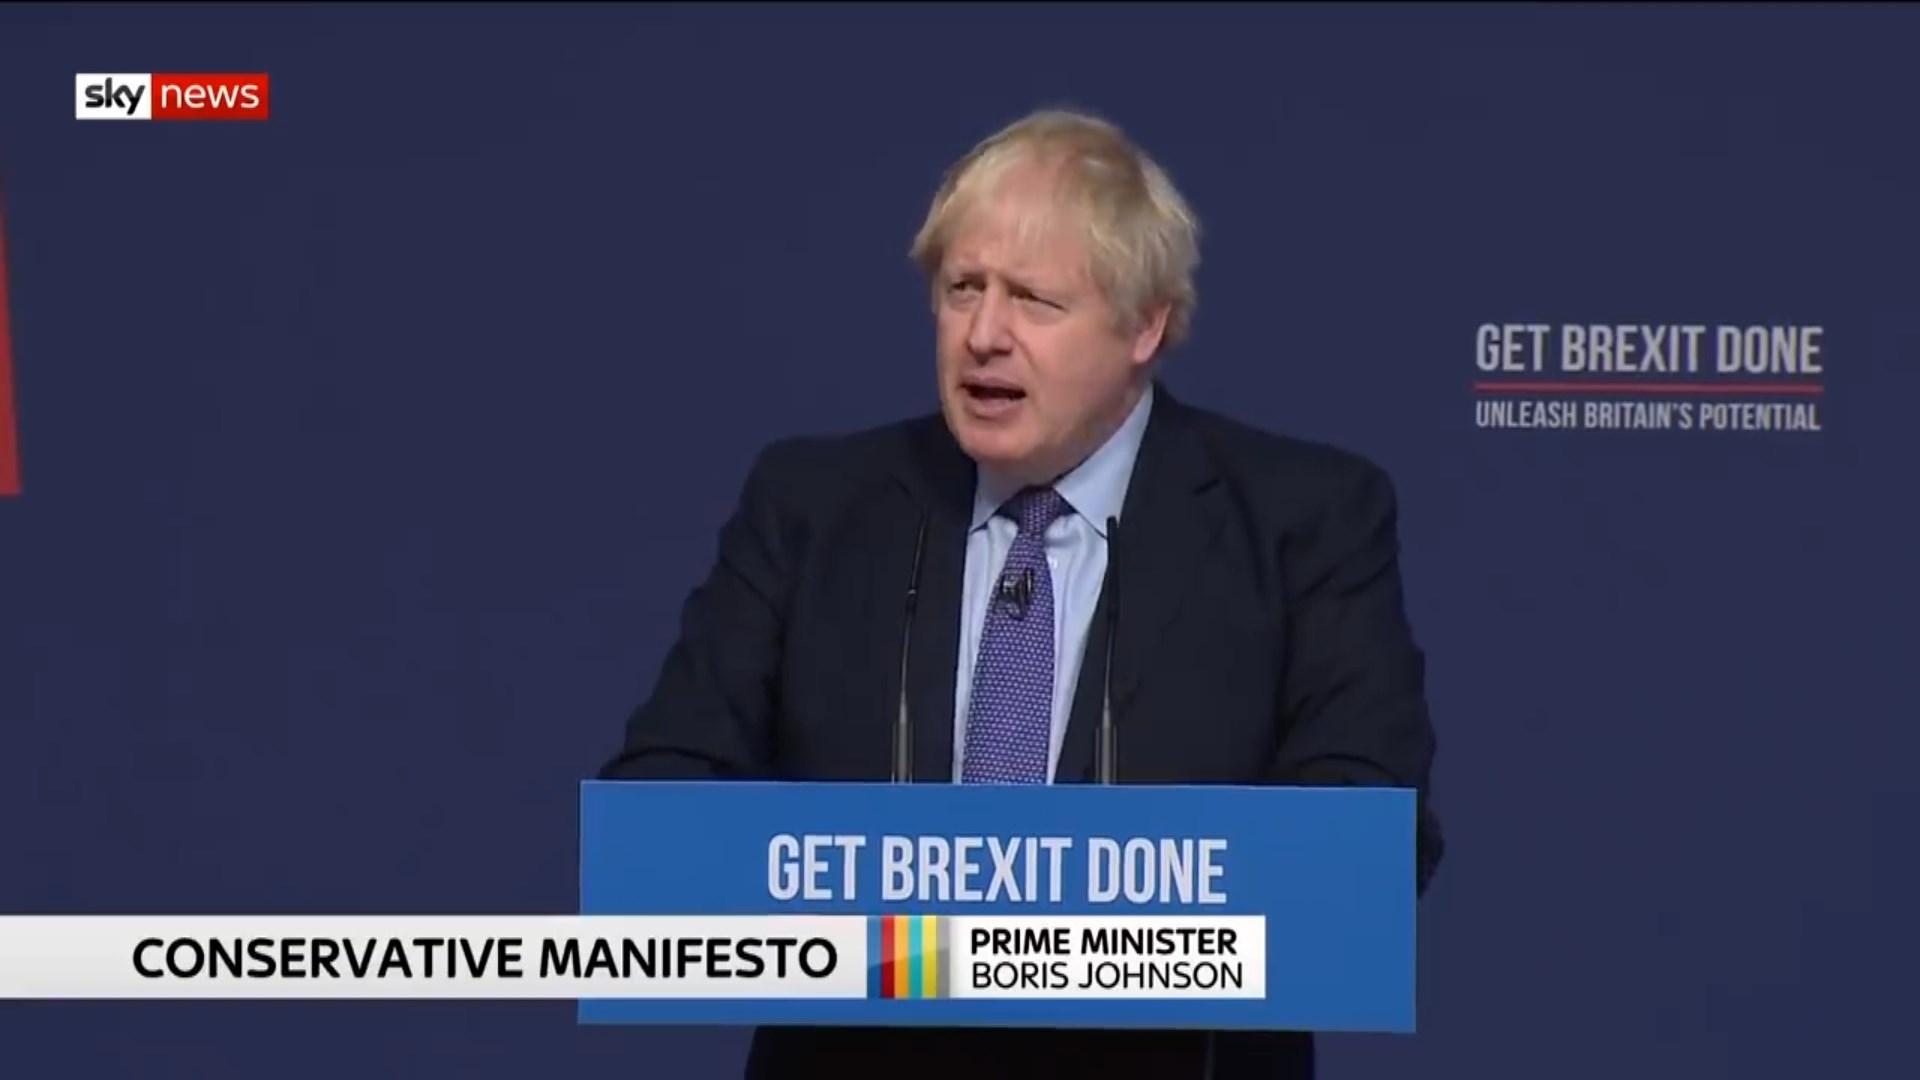 Boris Johnson prezanton platformën e tij për rindërtimin e Mbretërisë së Bashkuar